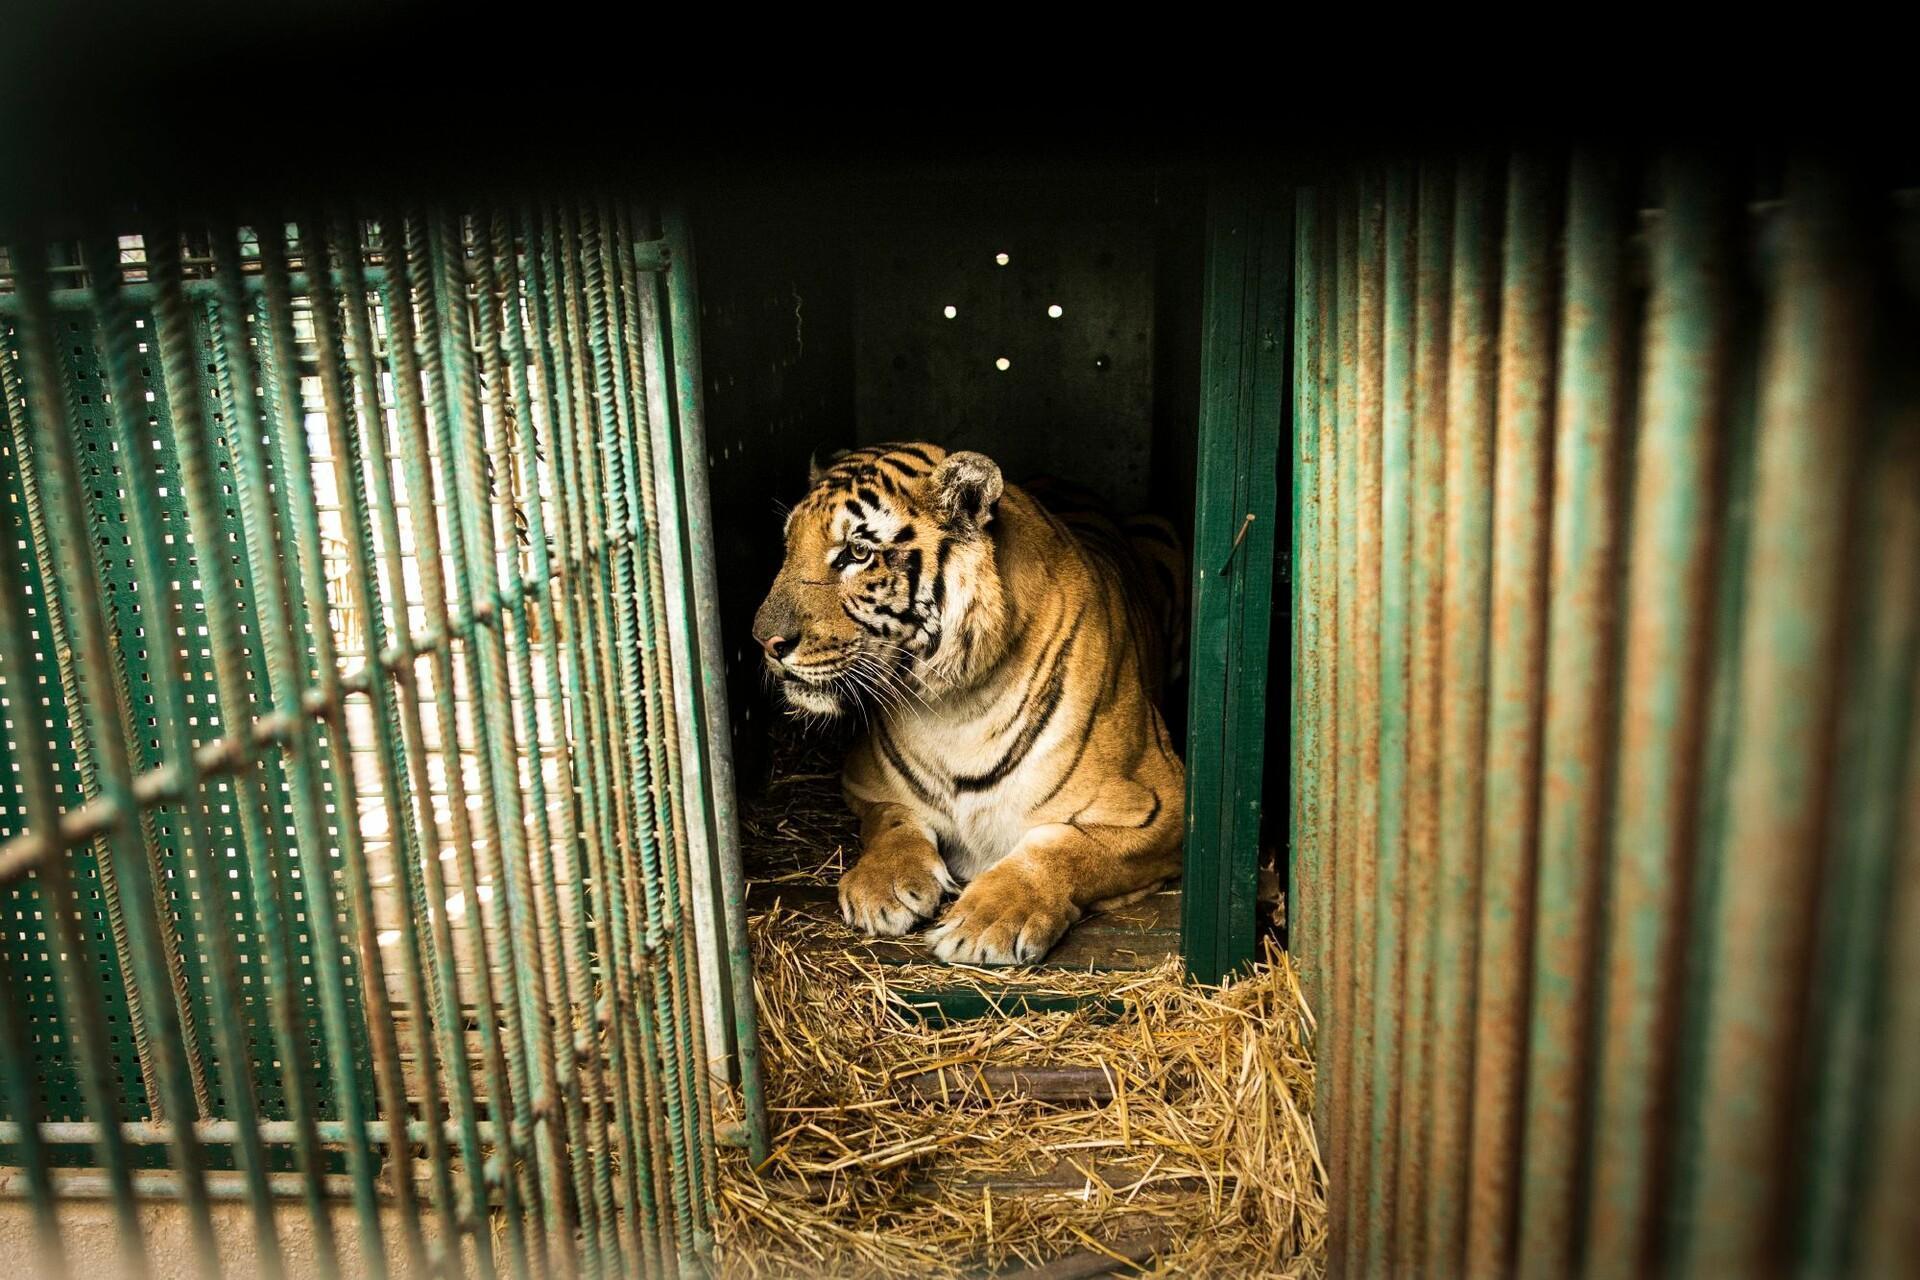 Tiger in cage in Gaza